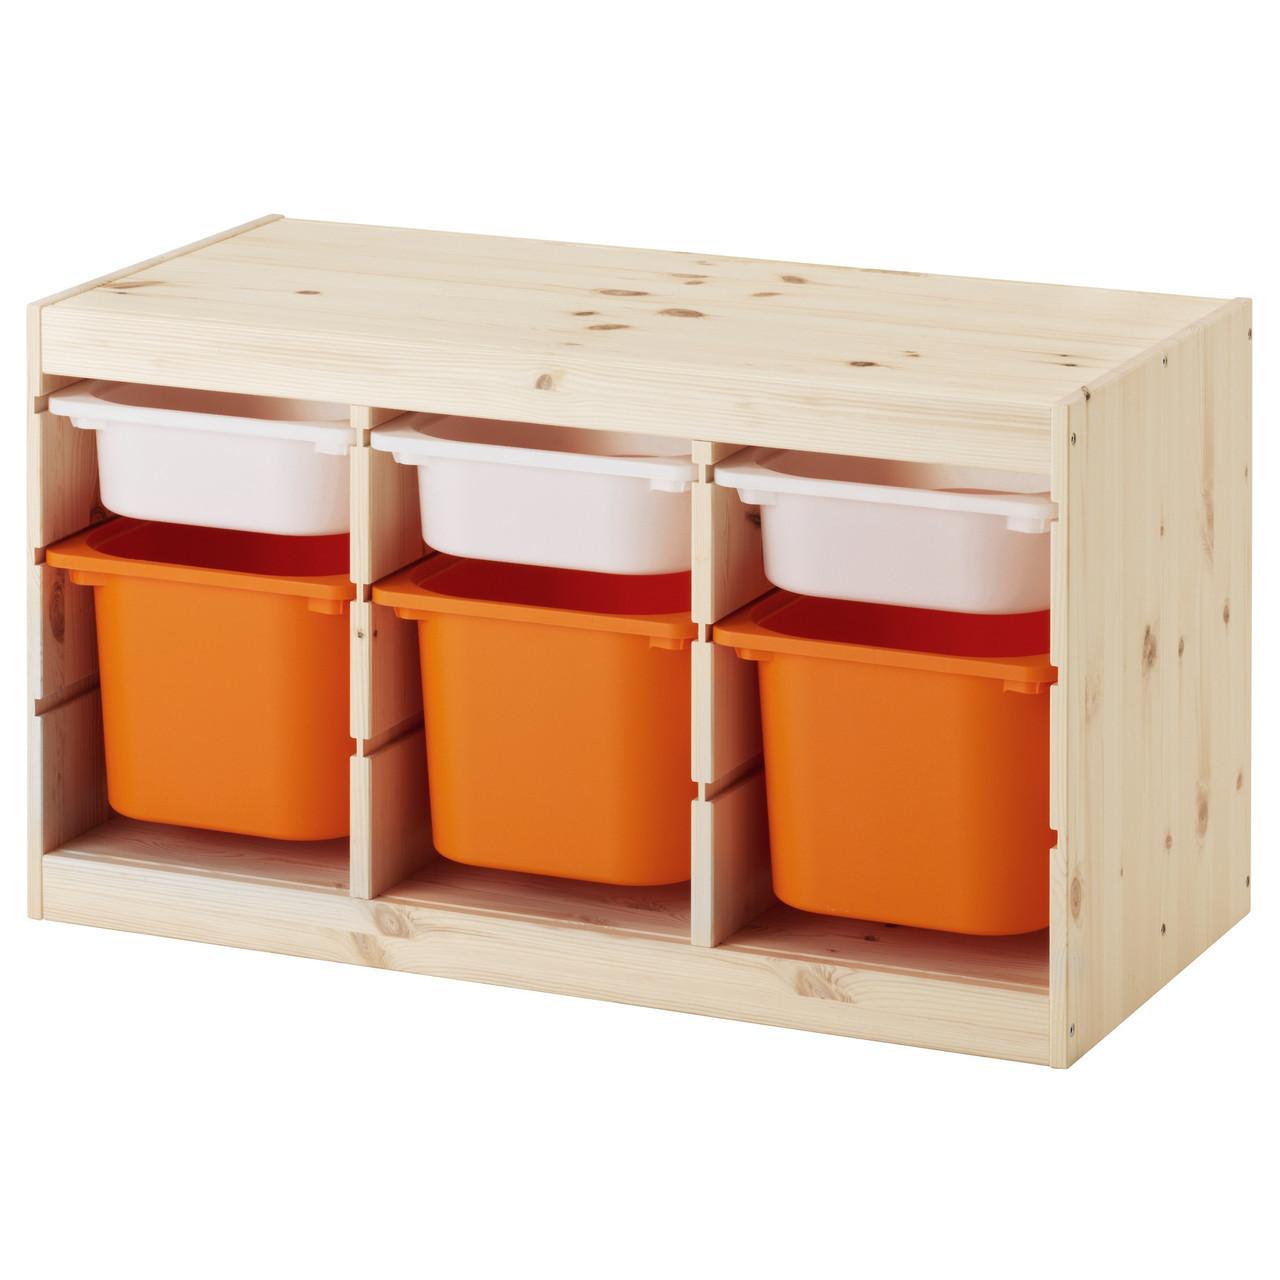 TROFAST Стеллаж с контейнерами, сосна белый, оранжевый 491.026.53